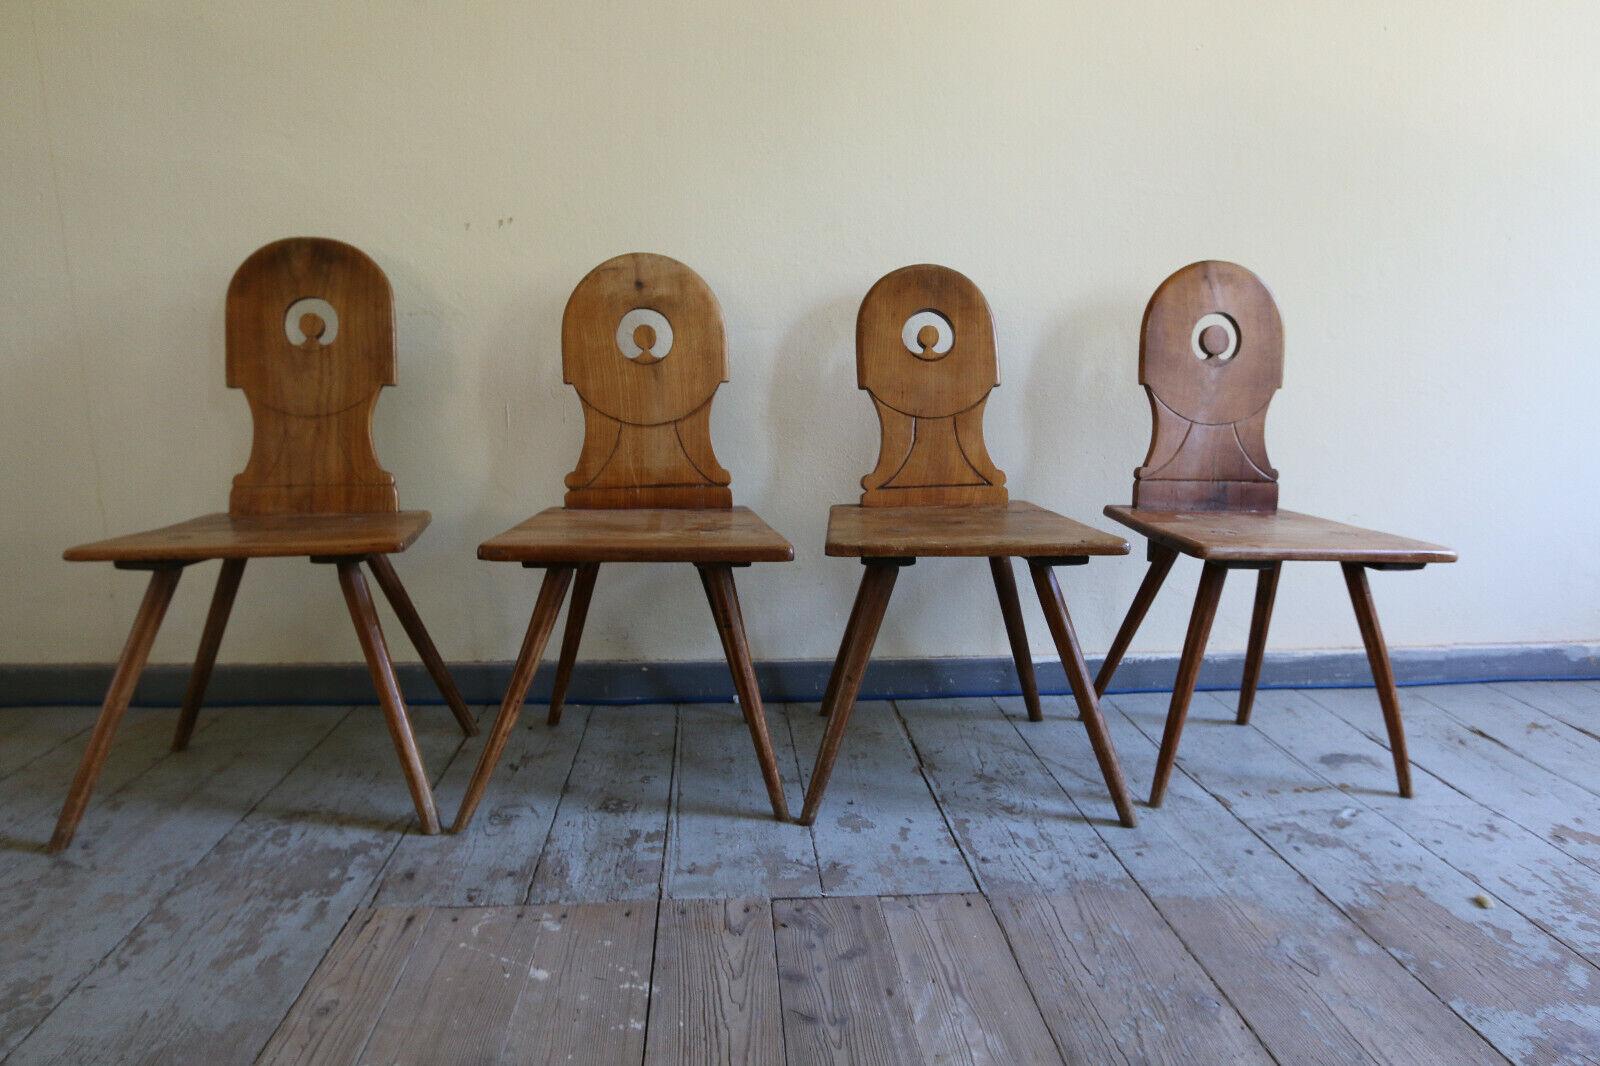 Stuhl Set (4 Stühle) Bauernstühle Biedermeier cirka 1820